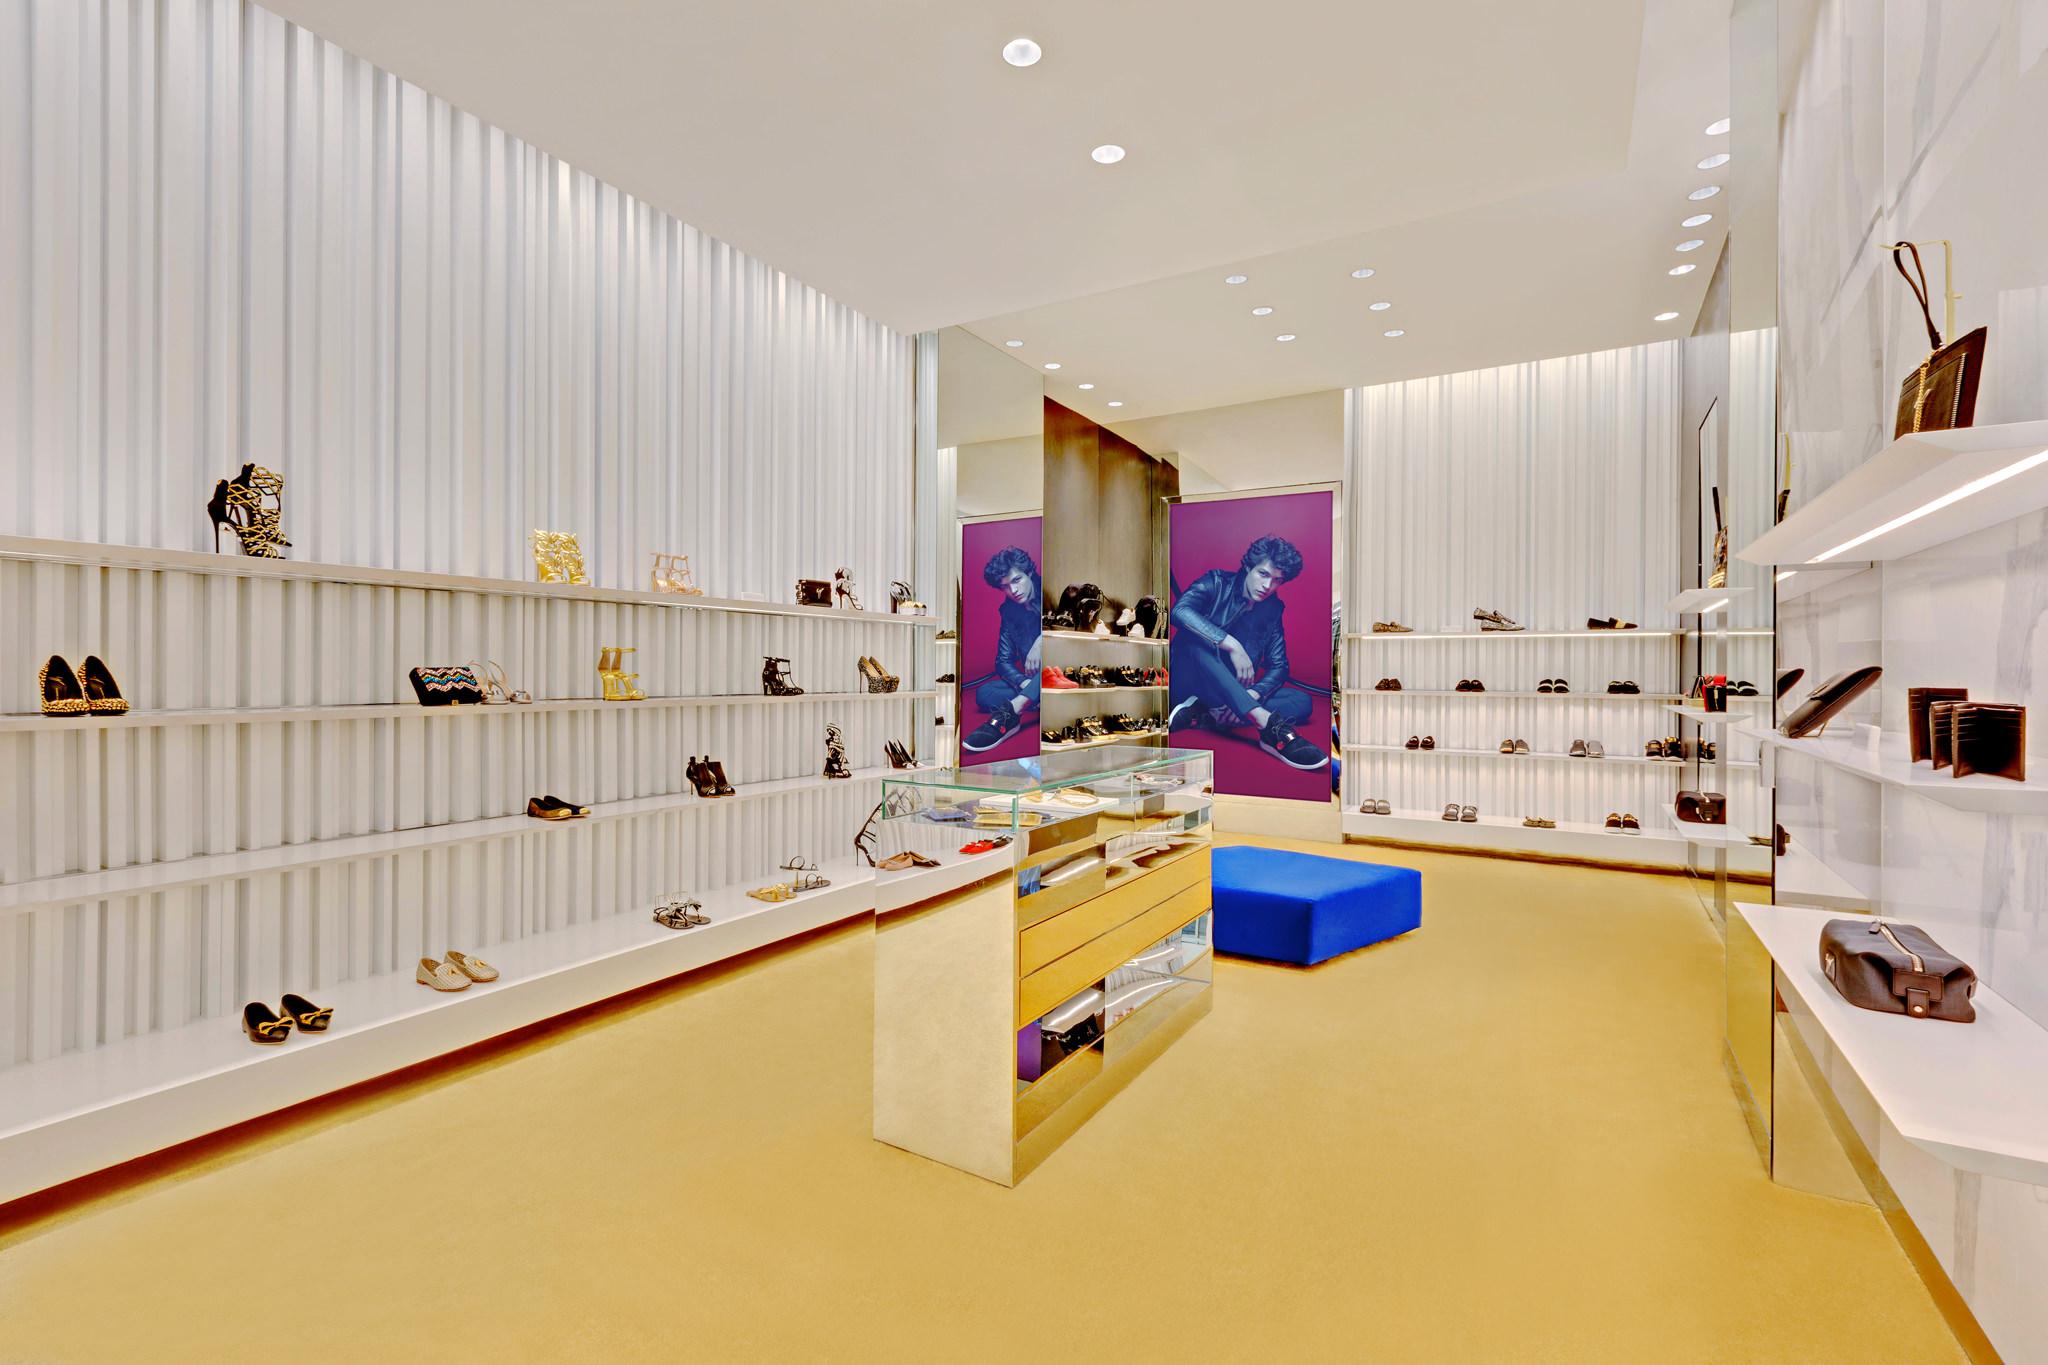 20170807 - Giuseppe Zanotti - HCM - Commercial - Interior - Store - Retouch 07.jpg